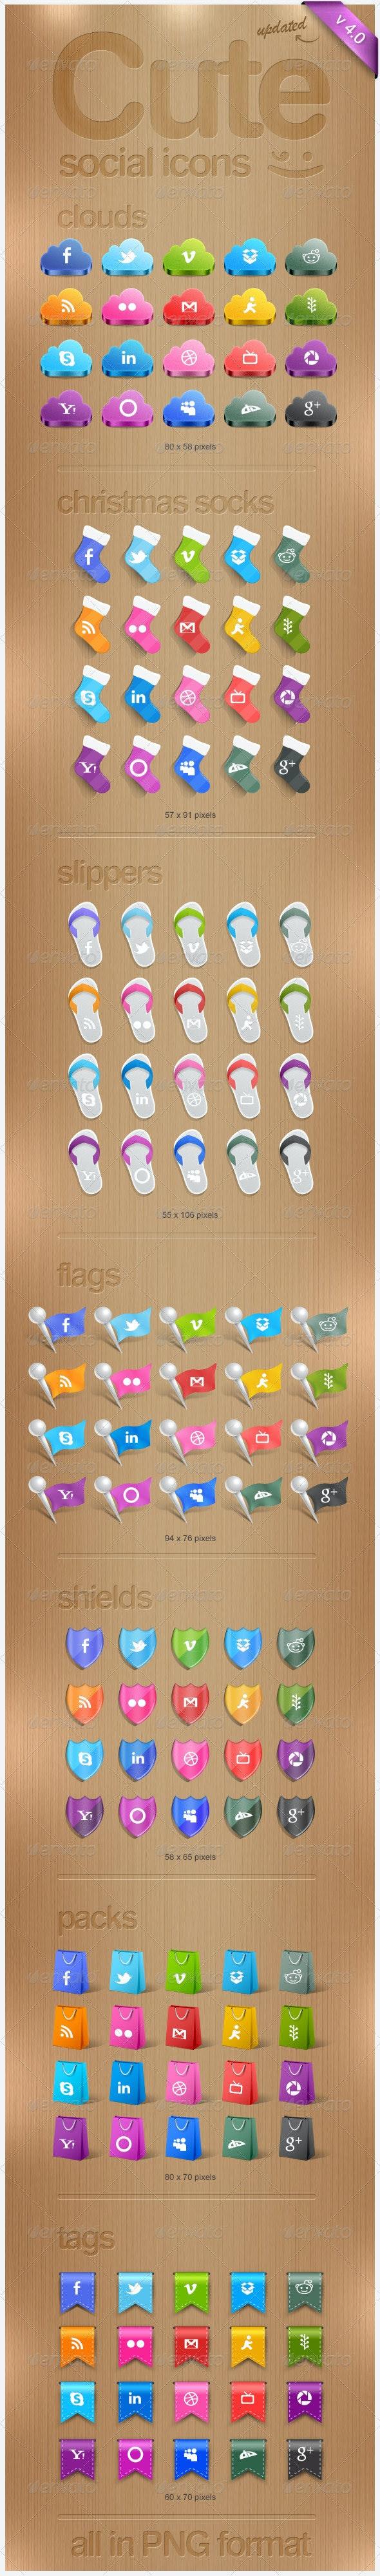 Cute Social Icons - Web Icons